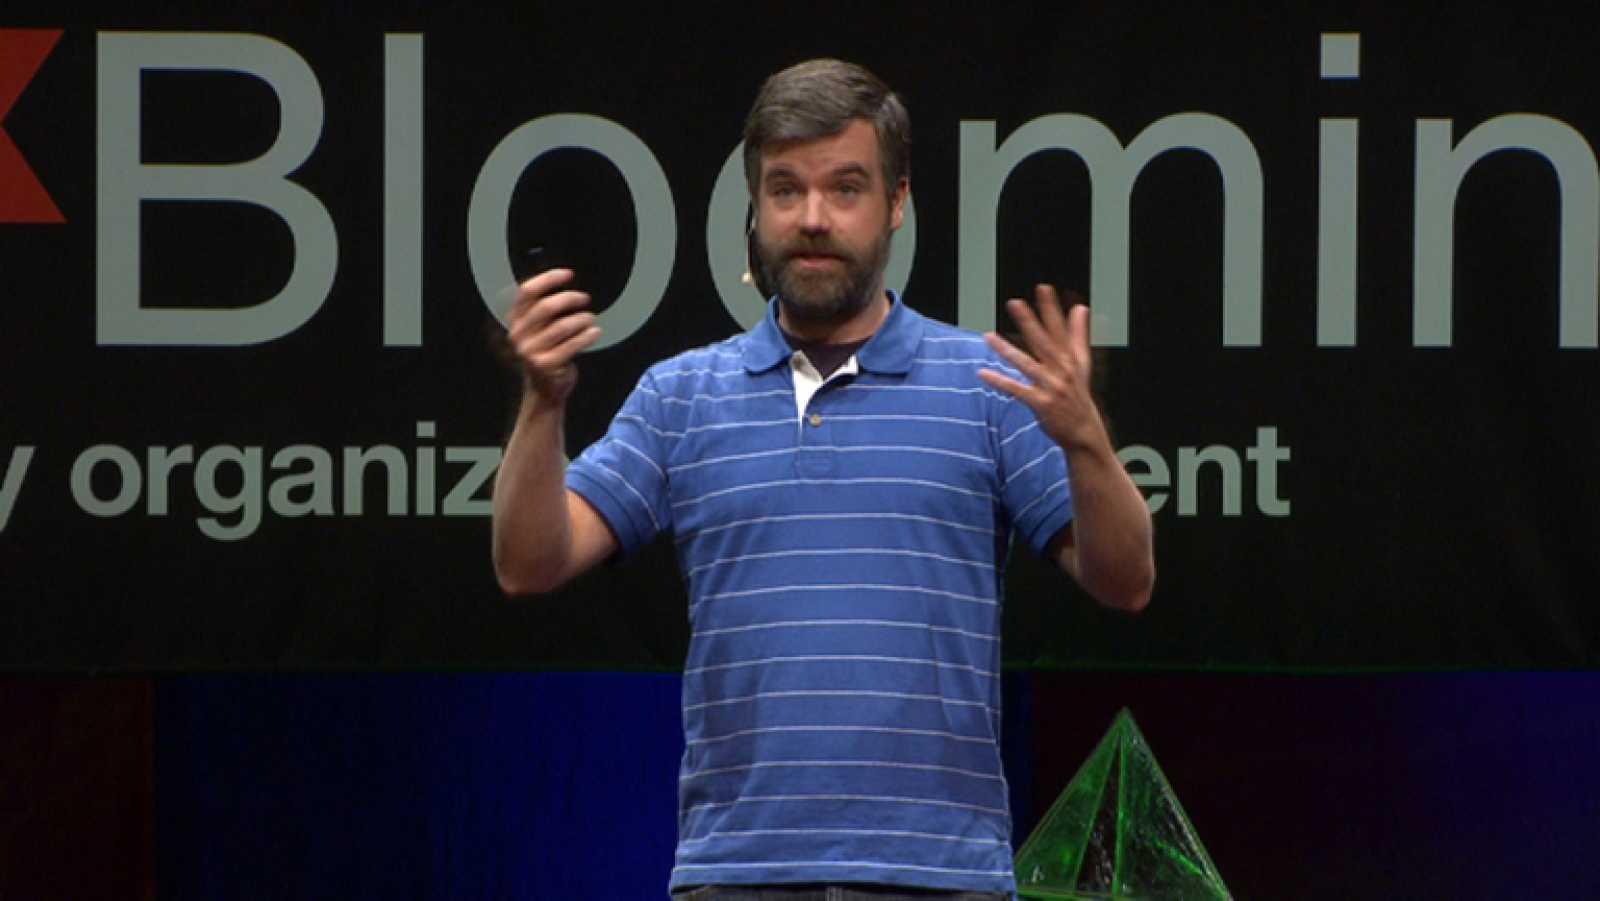 Charlie Todd: La experiencia compartida del absurdo - Ver ahora